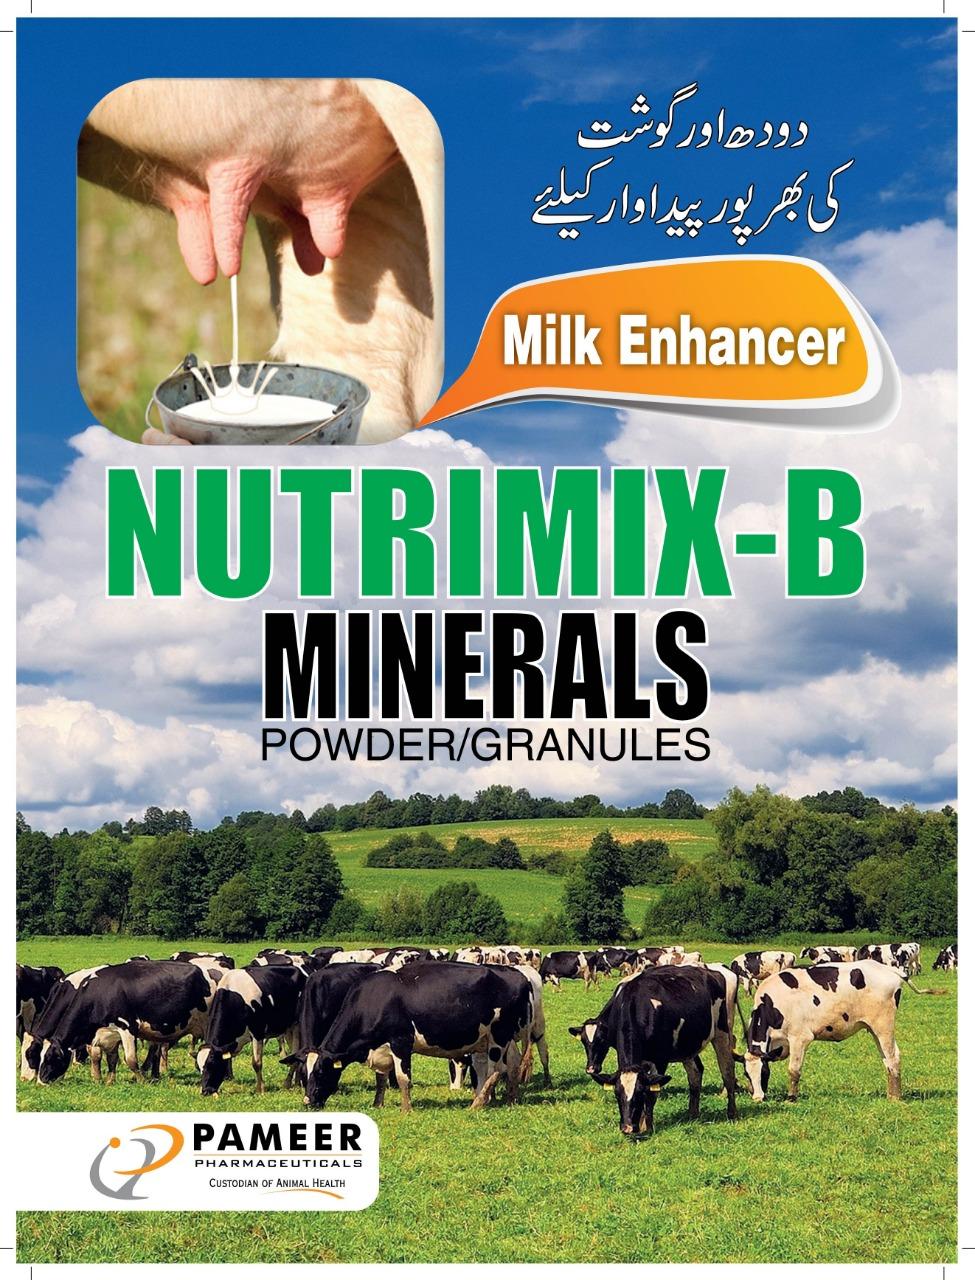 Nutrimix B Minerals!